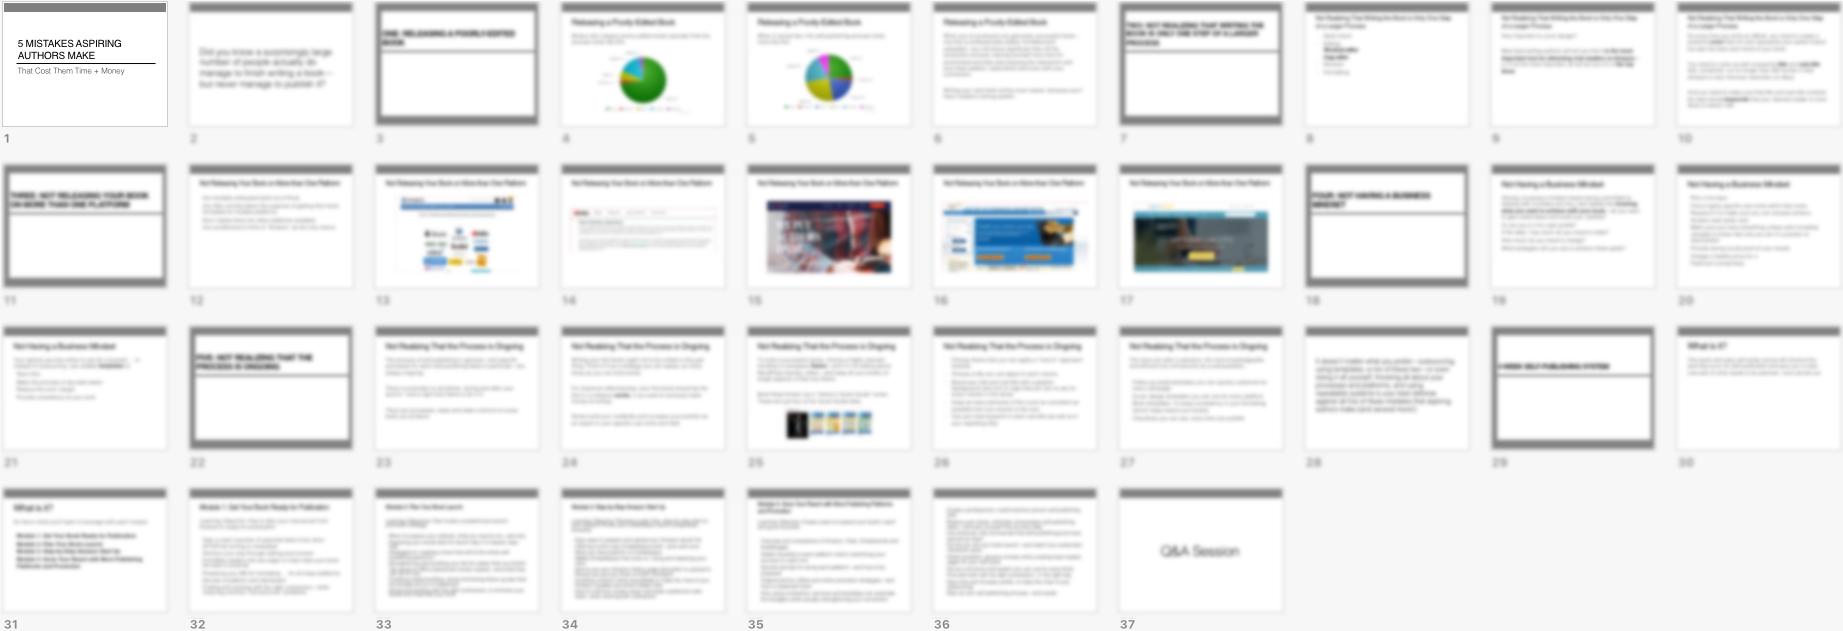 pp-slides